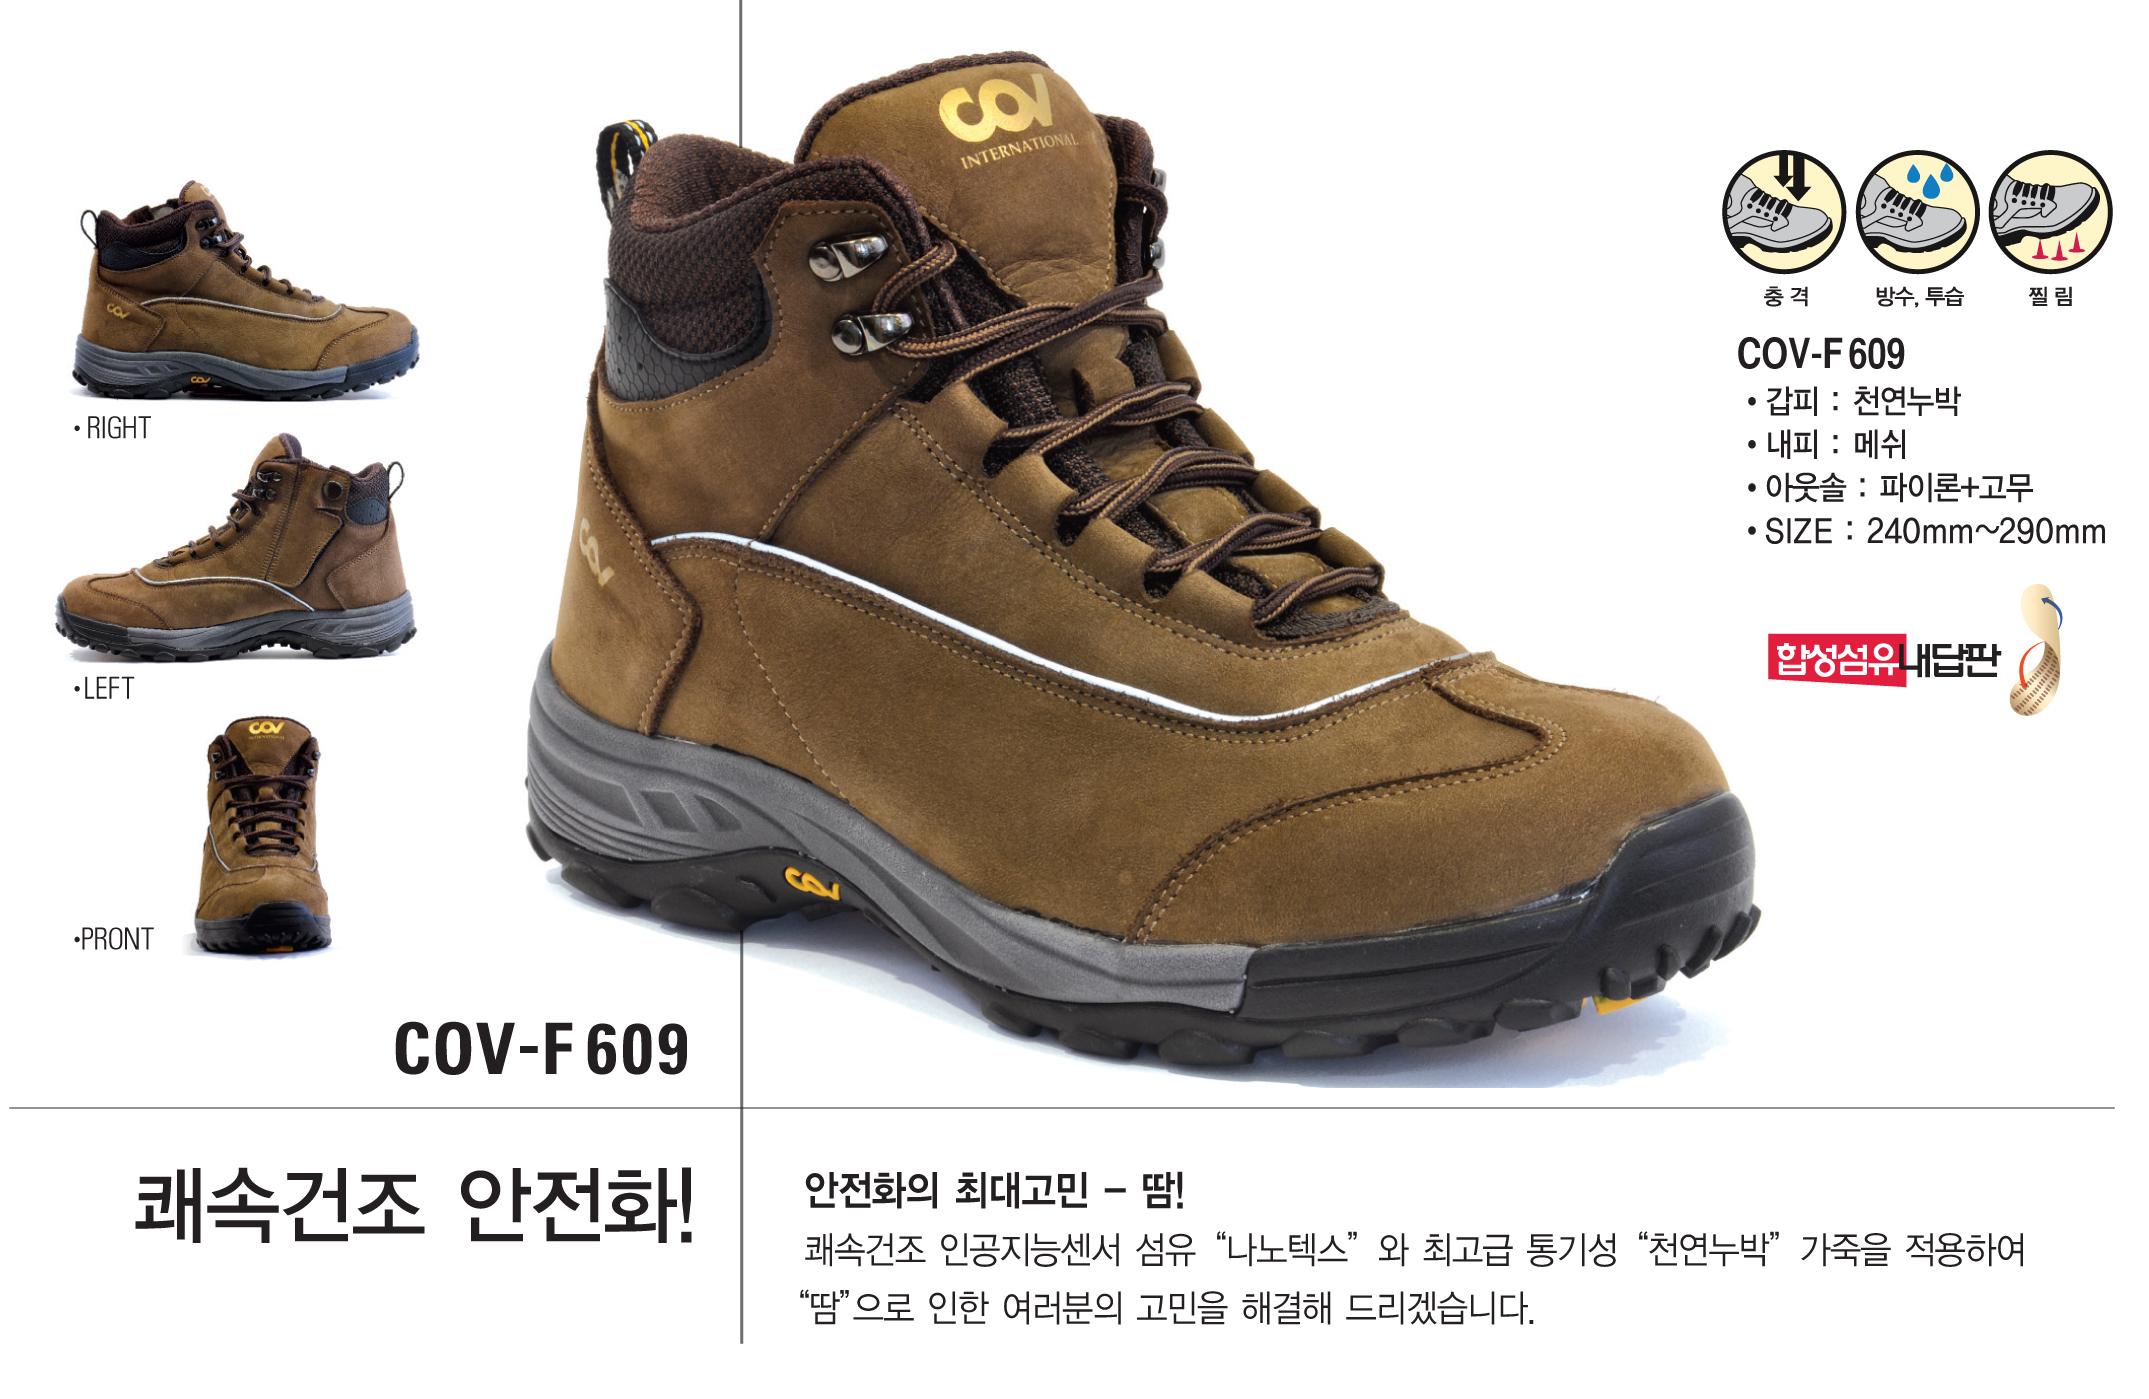 Giày bảo hộ lao động F609 COV